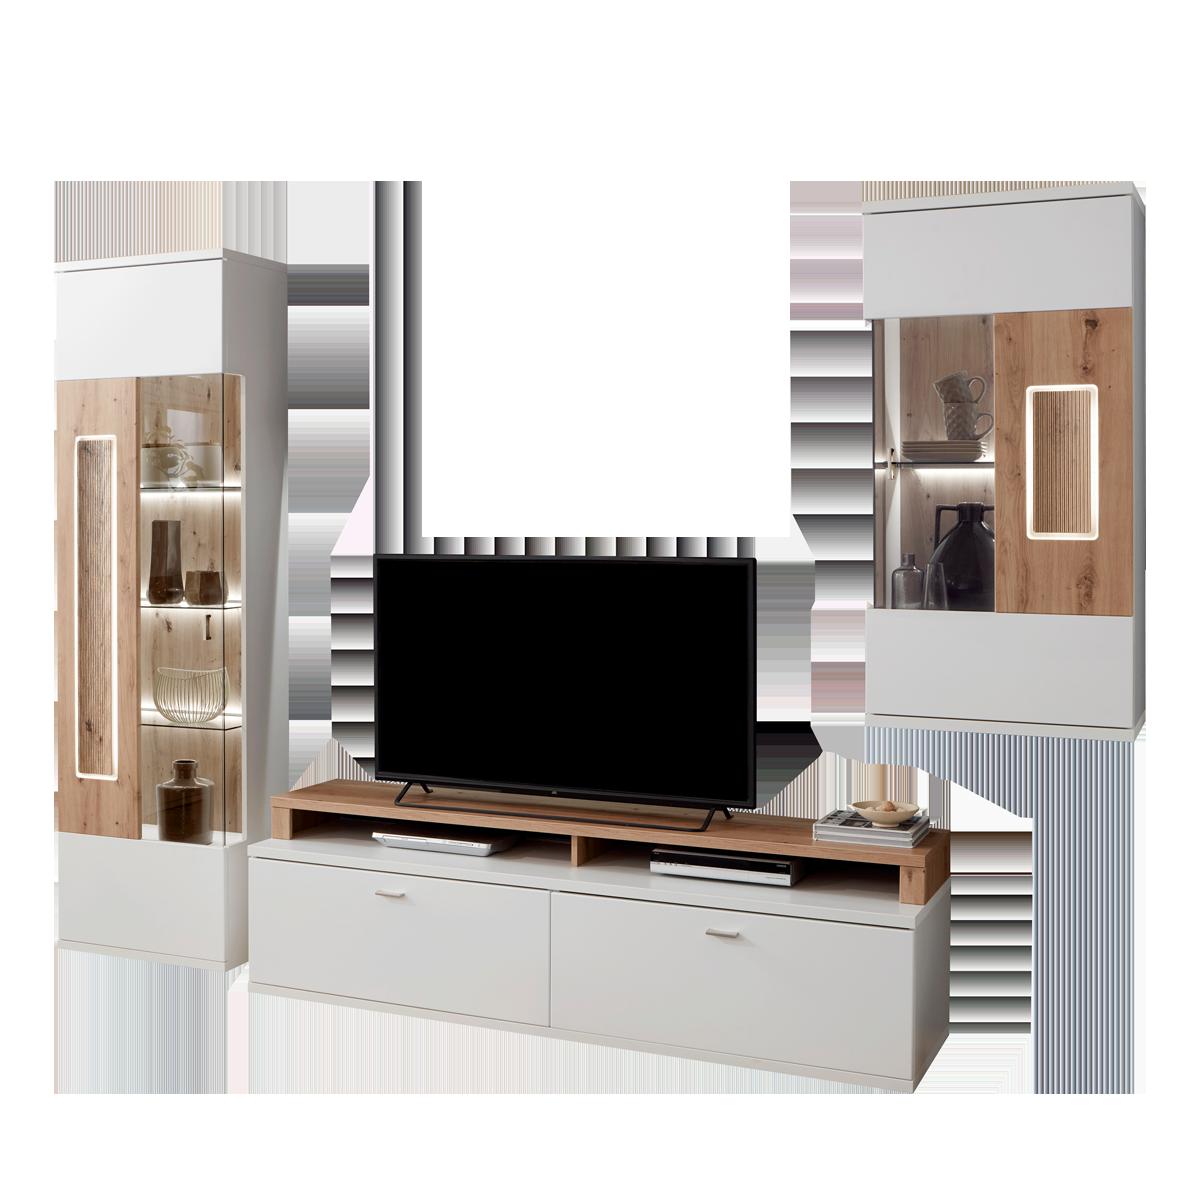 Ideal-Möbel Falan Wohnkombination 41 für Ihr Wohnzimmer moderne 4-teilige  Wohnwand mit Standvitrine Lowboard Hängevitrine und Wandboard Korpus in  Weiß ...